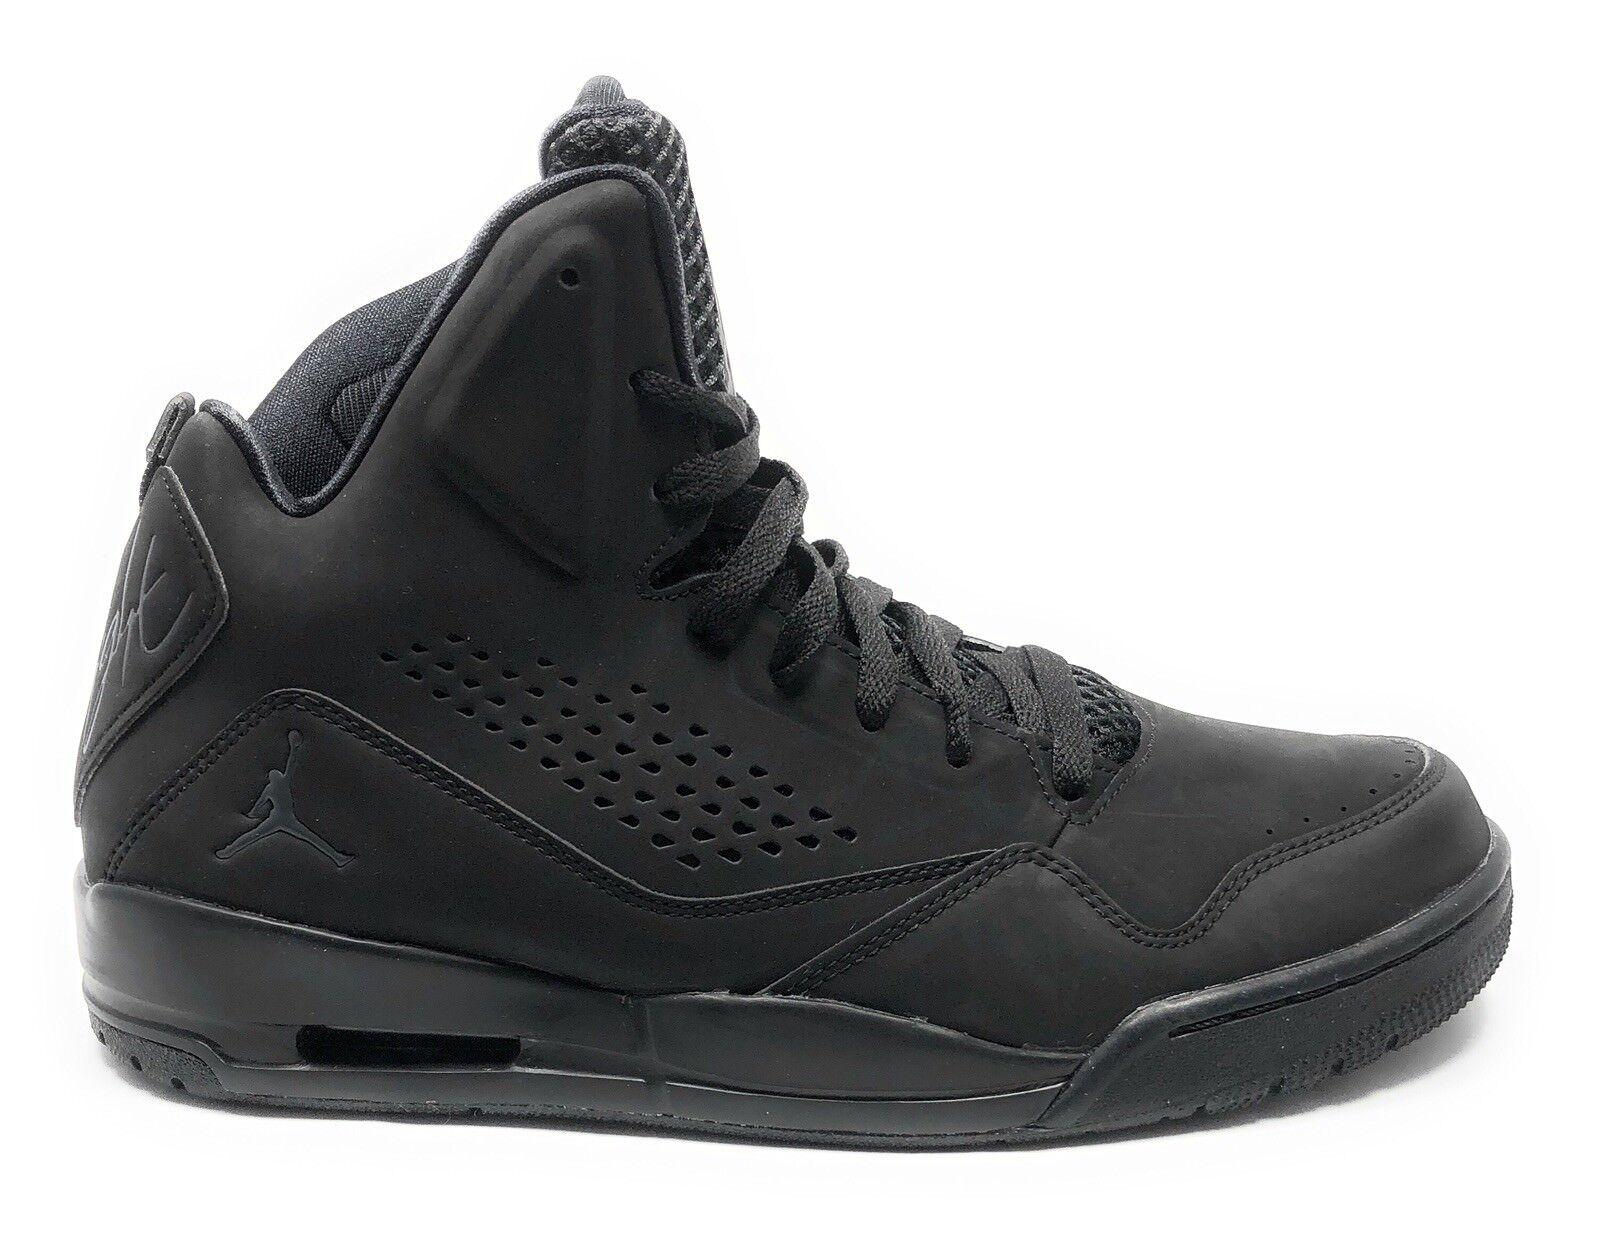 Nike air jordan sc-3 629877-021 sz